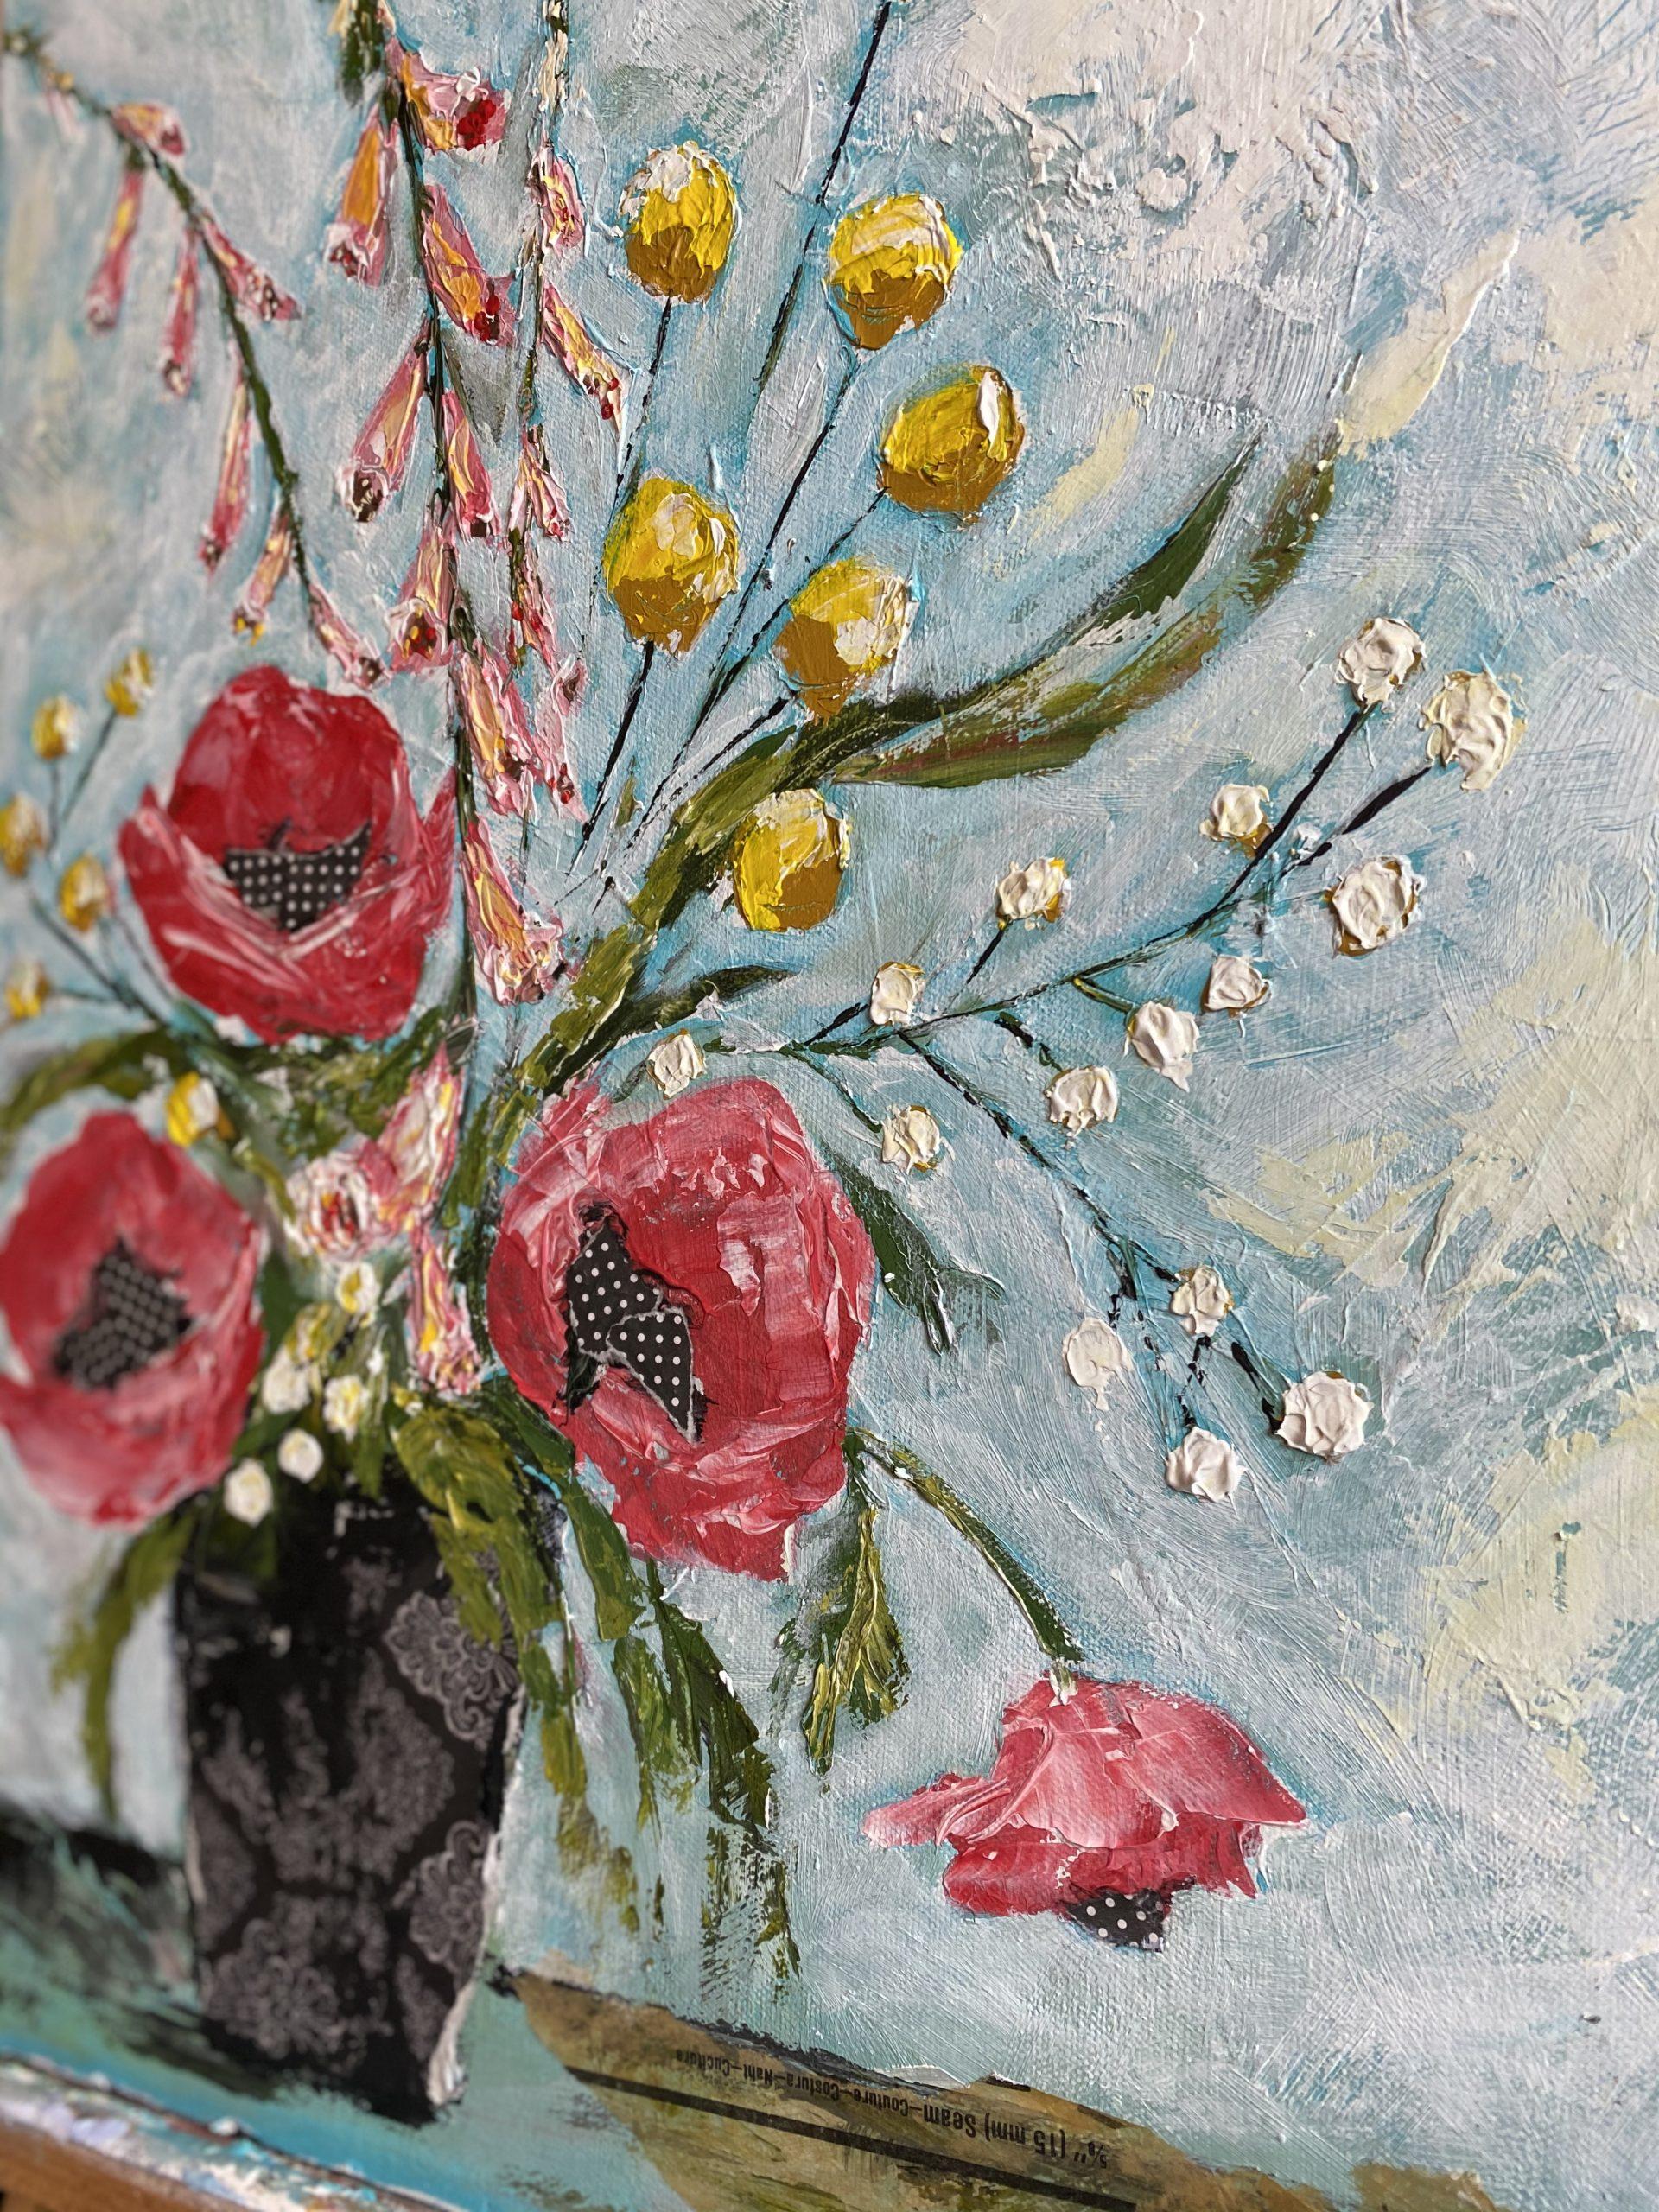 Poppy Delight by Amanda Hilburn